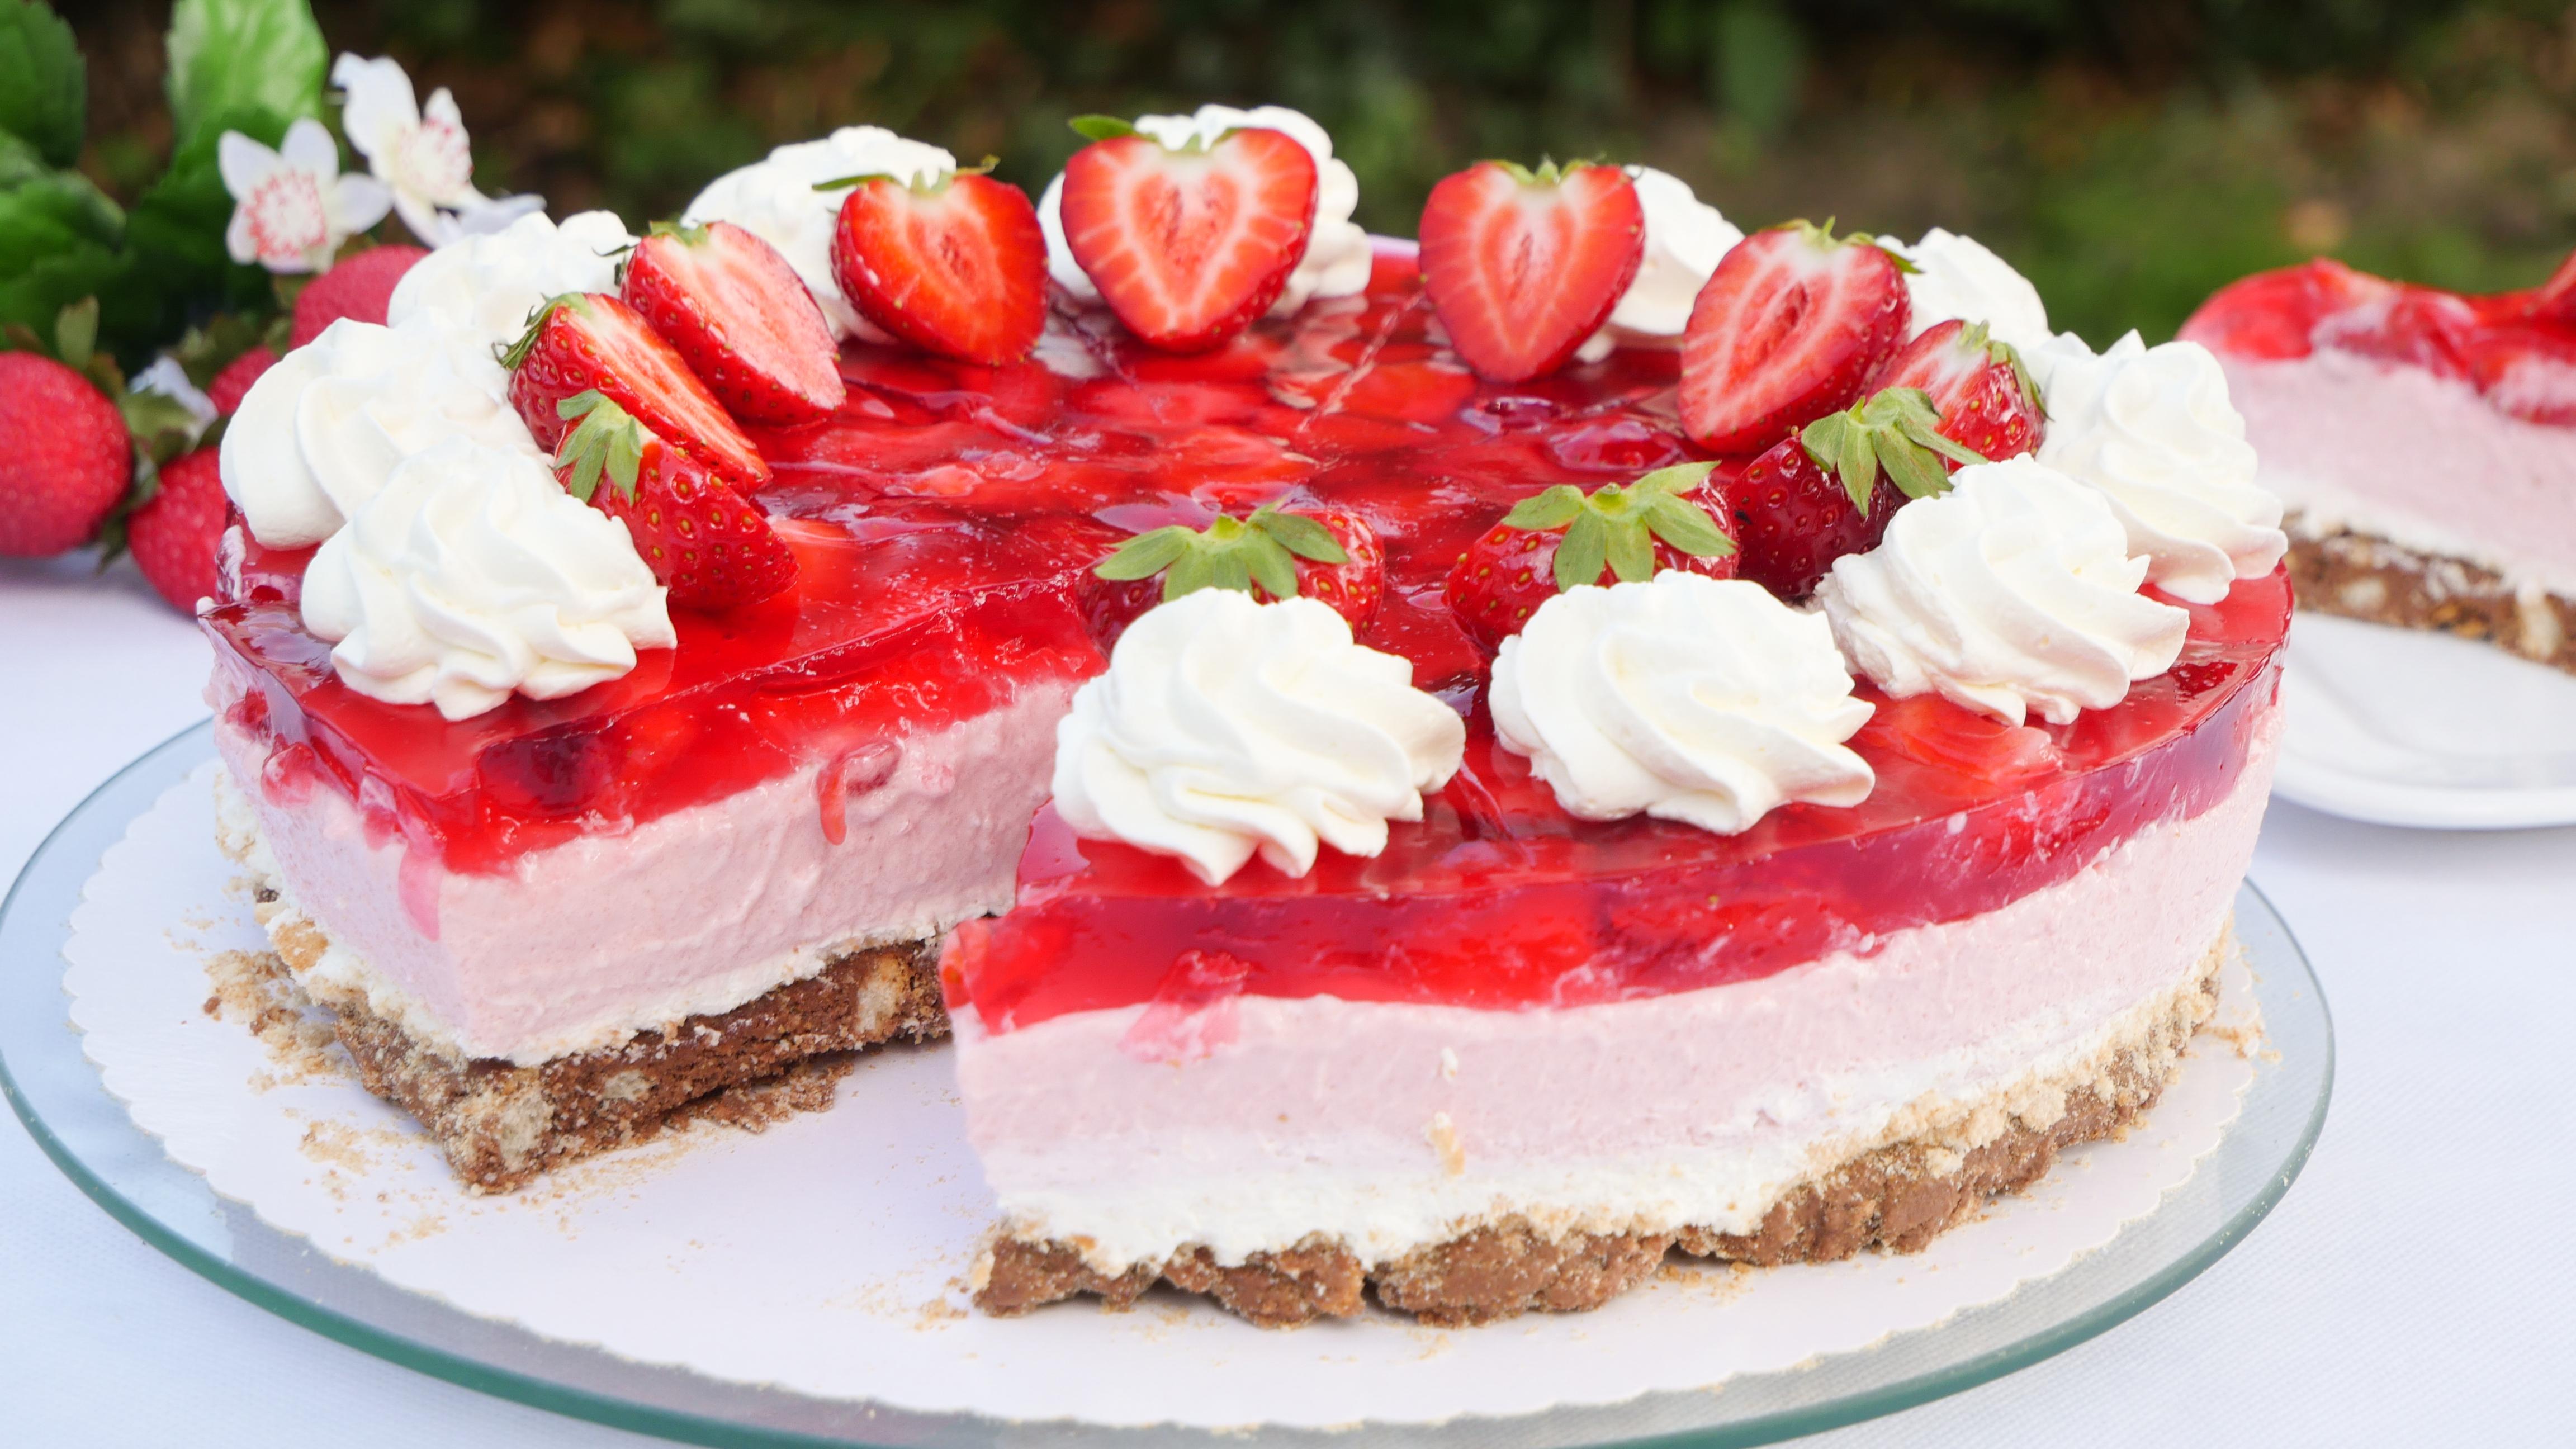 Erdbeer yogurette torte ohne gelatine